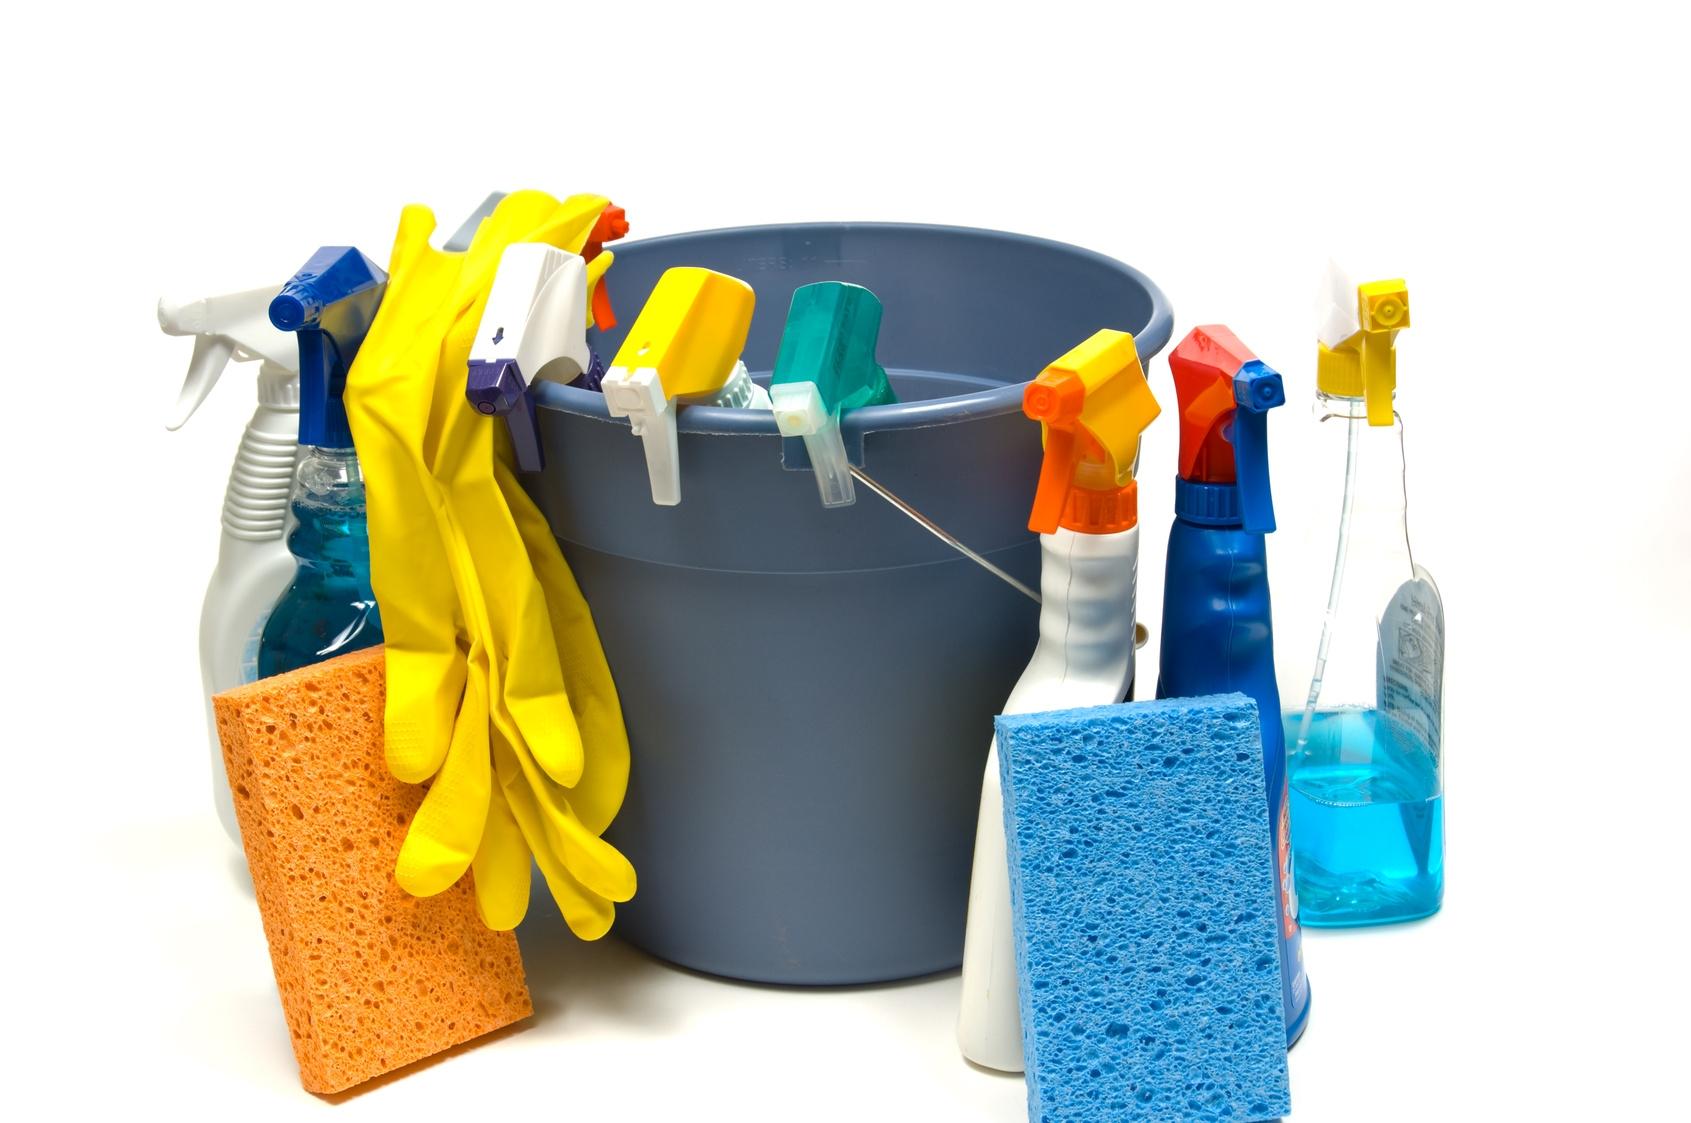 Tvrtka ALIMI d.o.o. vrši usluge čišćenja: poslovnih prostora (brisanje uredske i birotehničke opreme čišćenje sanitarija, pranje prozora, pražnjenje koševa, zalijevanje cvijeća, usisavanje tepiha, brisanje tvrdih površina, održavanje kuhinja, pranje stubišta) privatnih prostora (čišćenje sanitarija, pranje prozora, zalijevanje cvijeća, usisavanje, brisanje tvrdih površina, održavanje kuhinja, peglanje...)